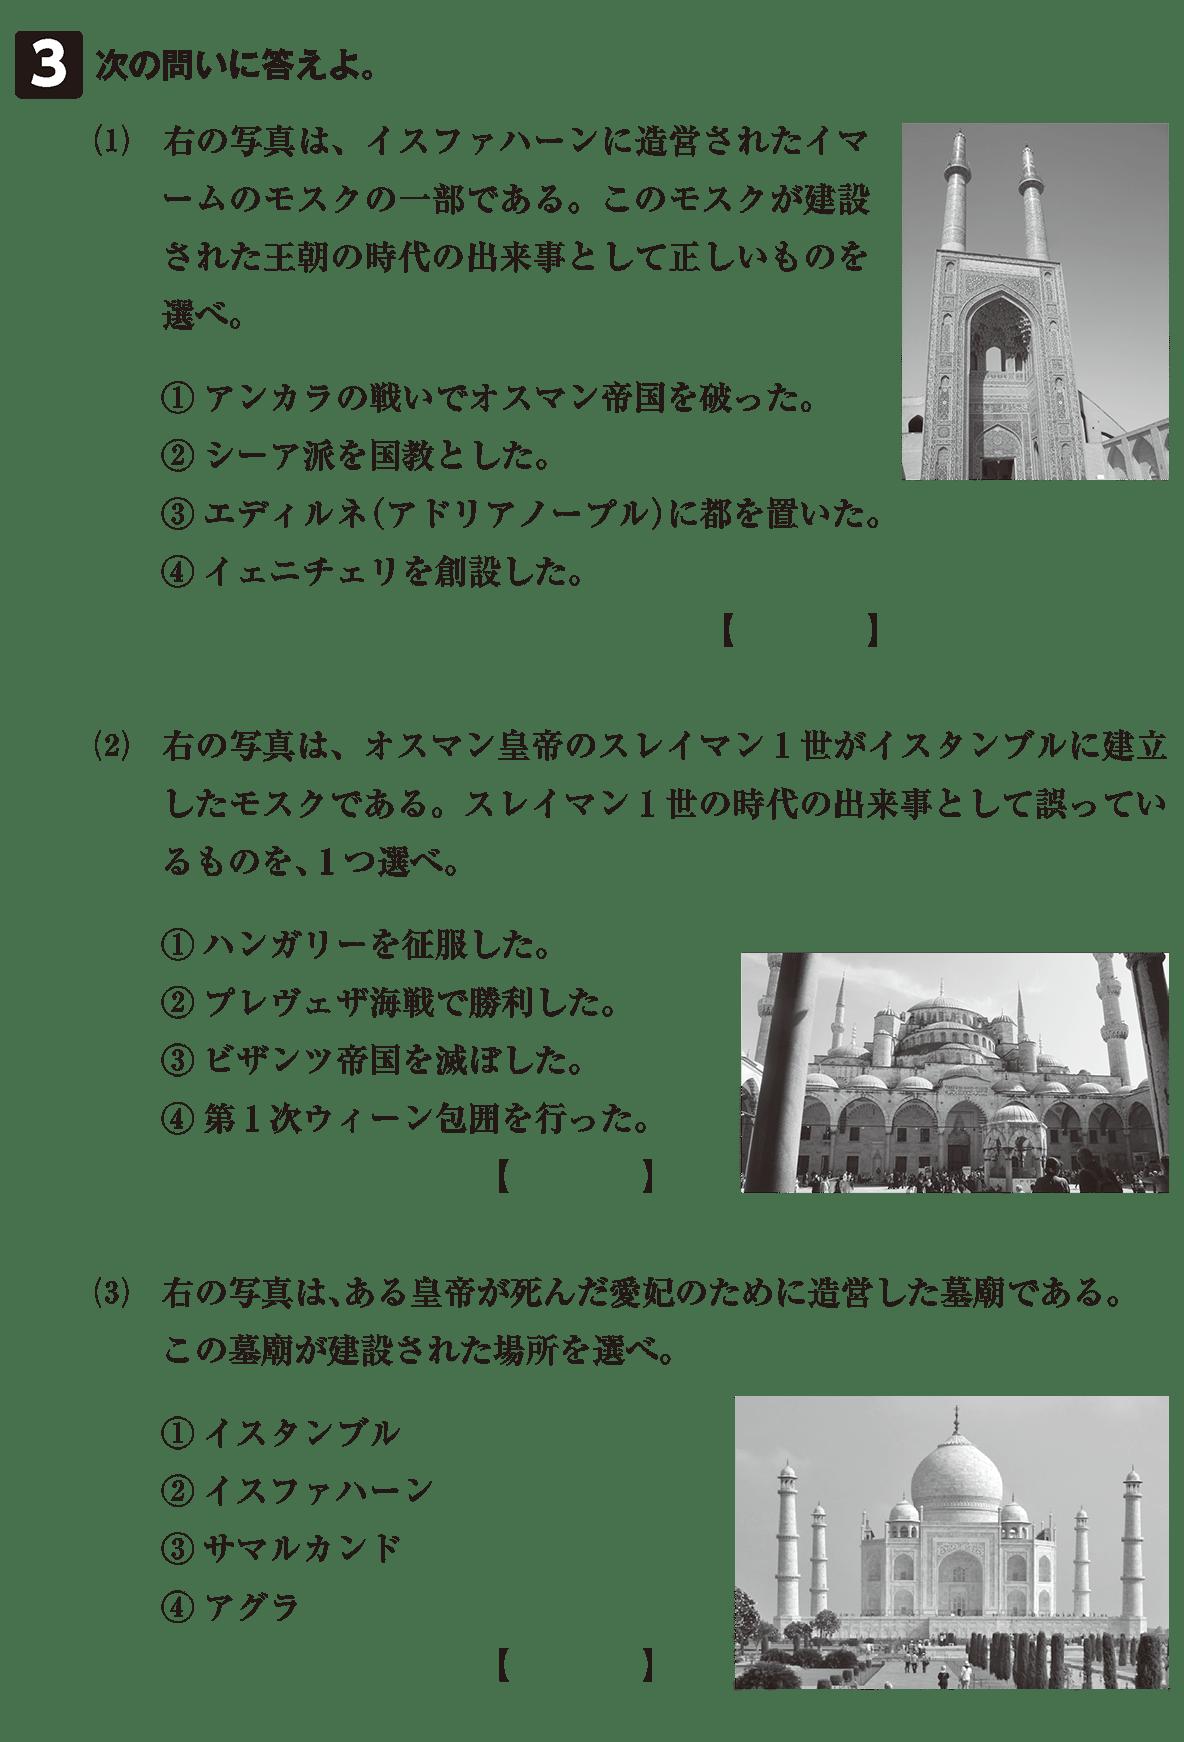 高校世界史 イスラーム世界の繁栄5 確認テスト(後半)問題3